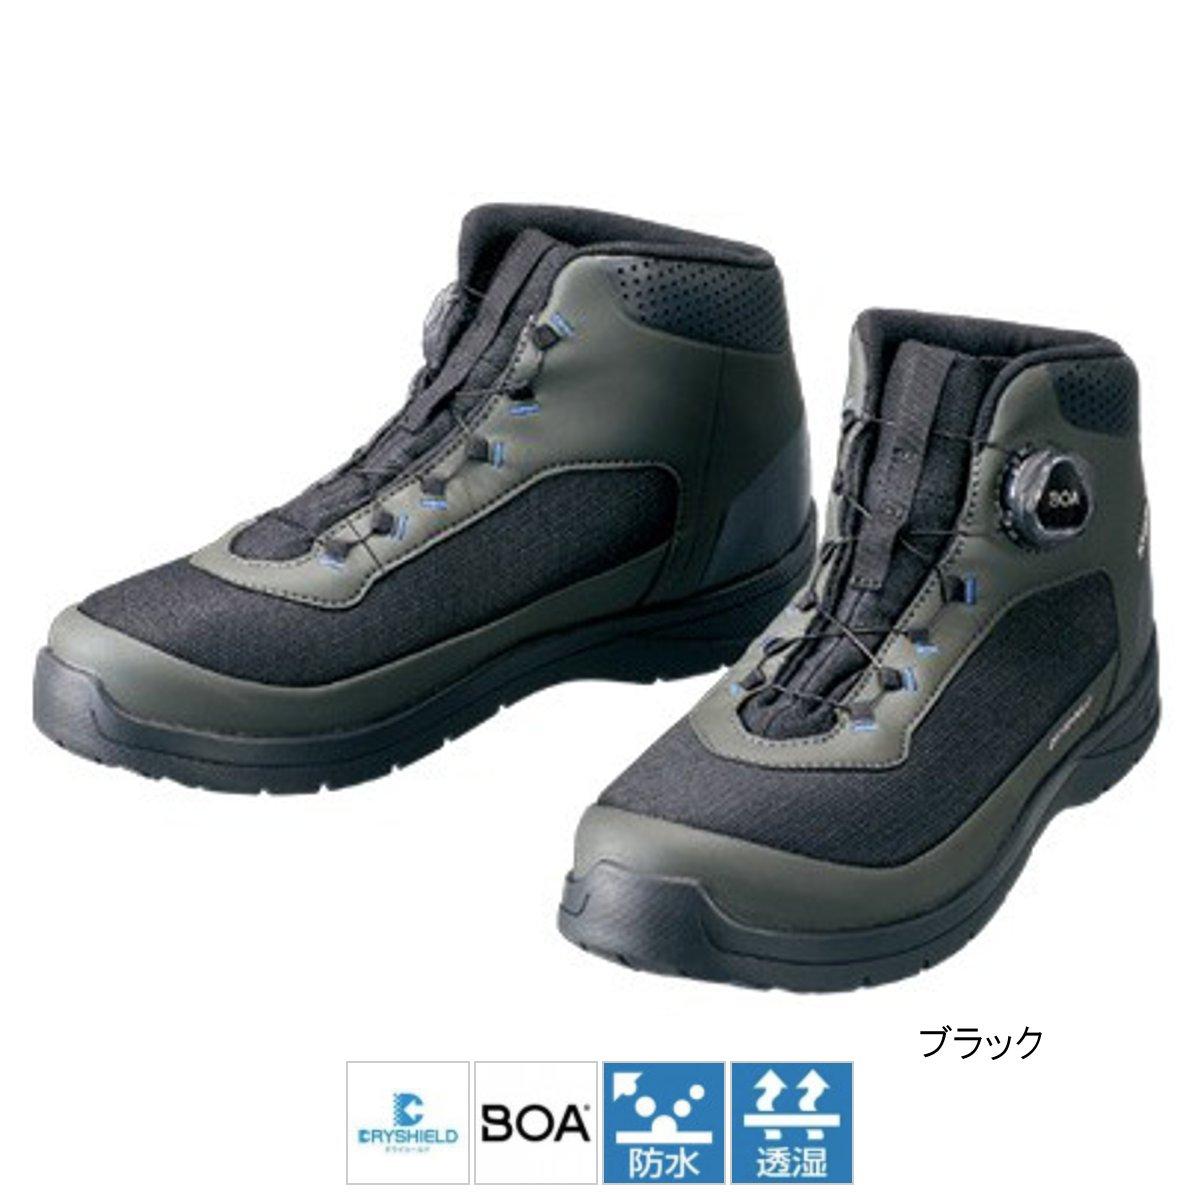 シマノ ドライシールド・デッキラジアルフィットシューズ HW FS-082R 27.5cm ブラック